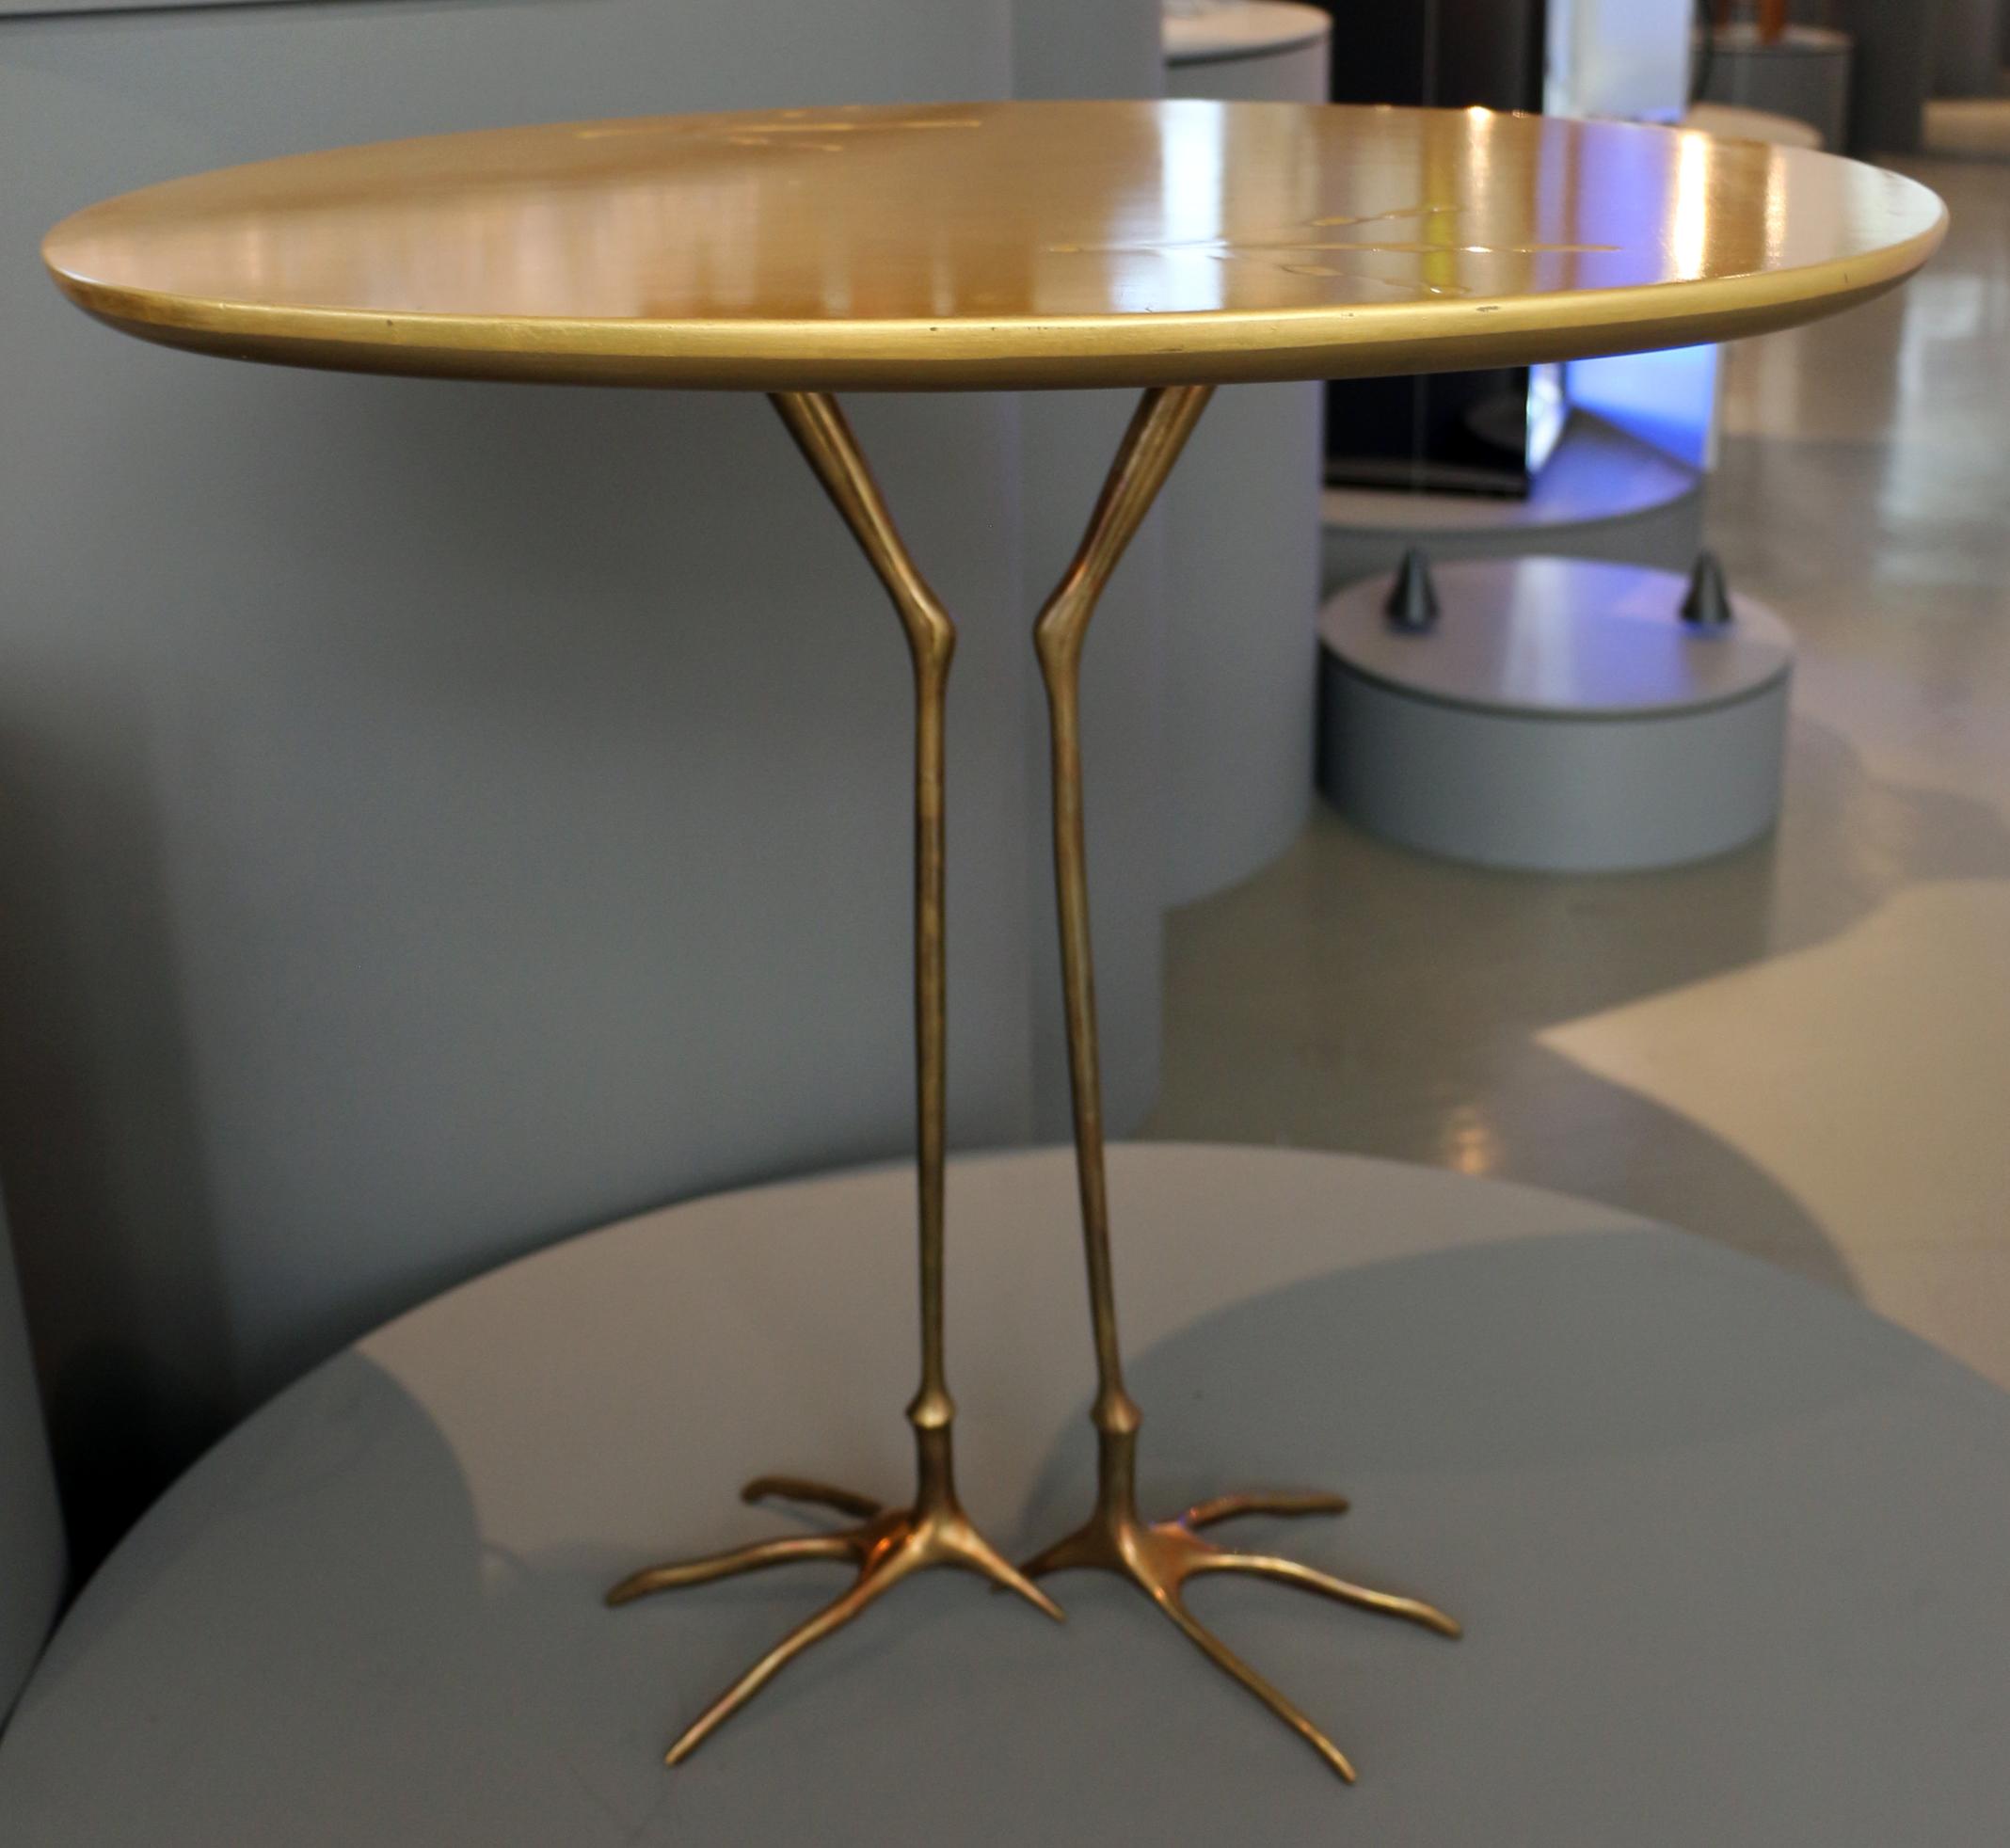 Meret Oppenheim Tavolino.File Meret Oppenheim Per Simon Gravina Traccia Tavolino